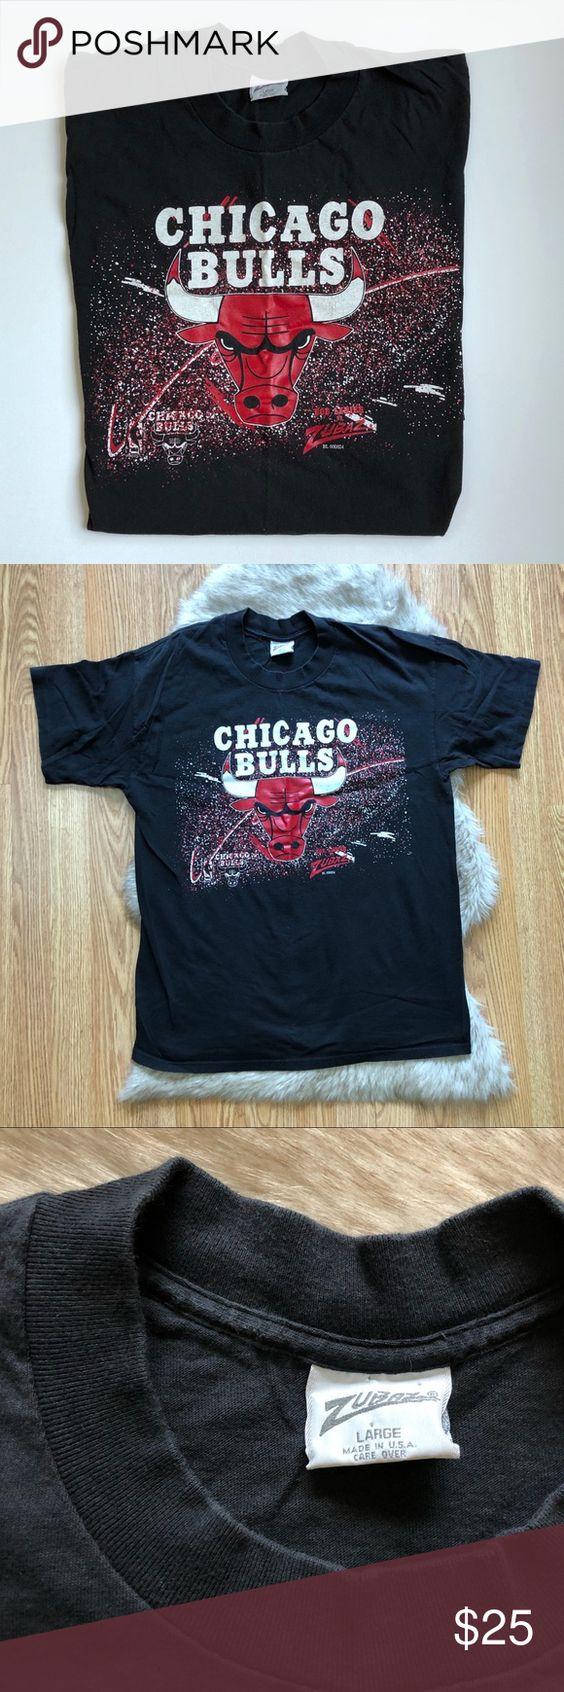 90s Chicago Bulls Bob Lanier T Shirt By Zubaz Sz L Vintage Shirts Clothes Design Chicago Bulls